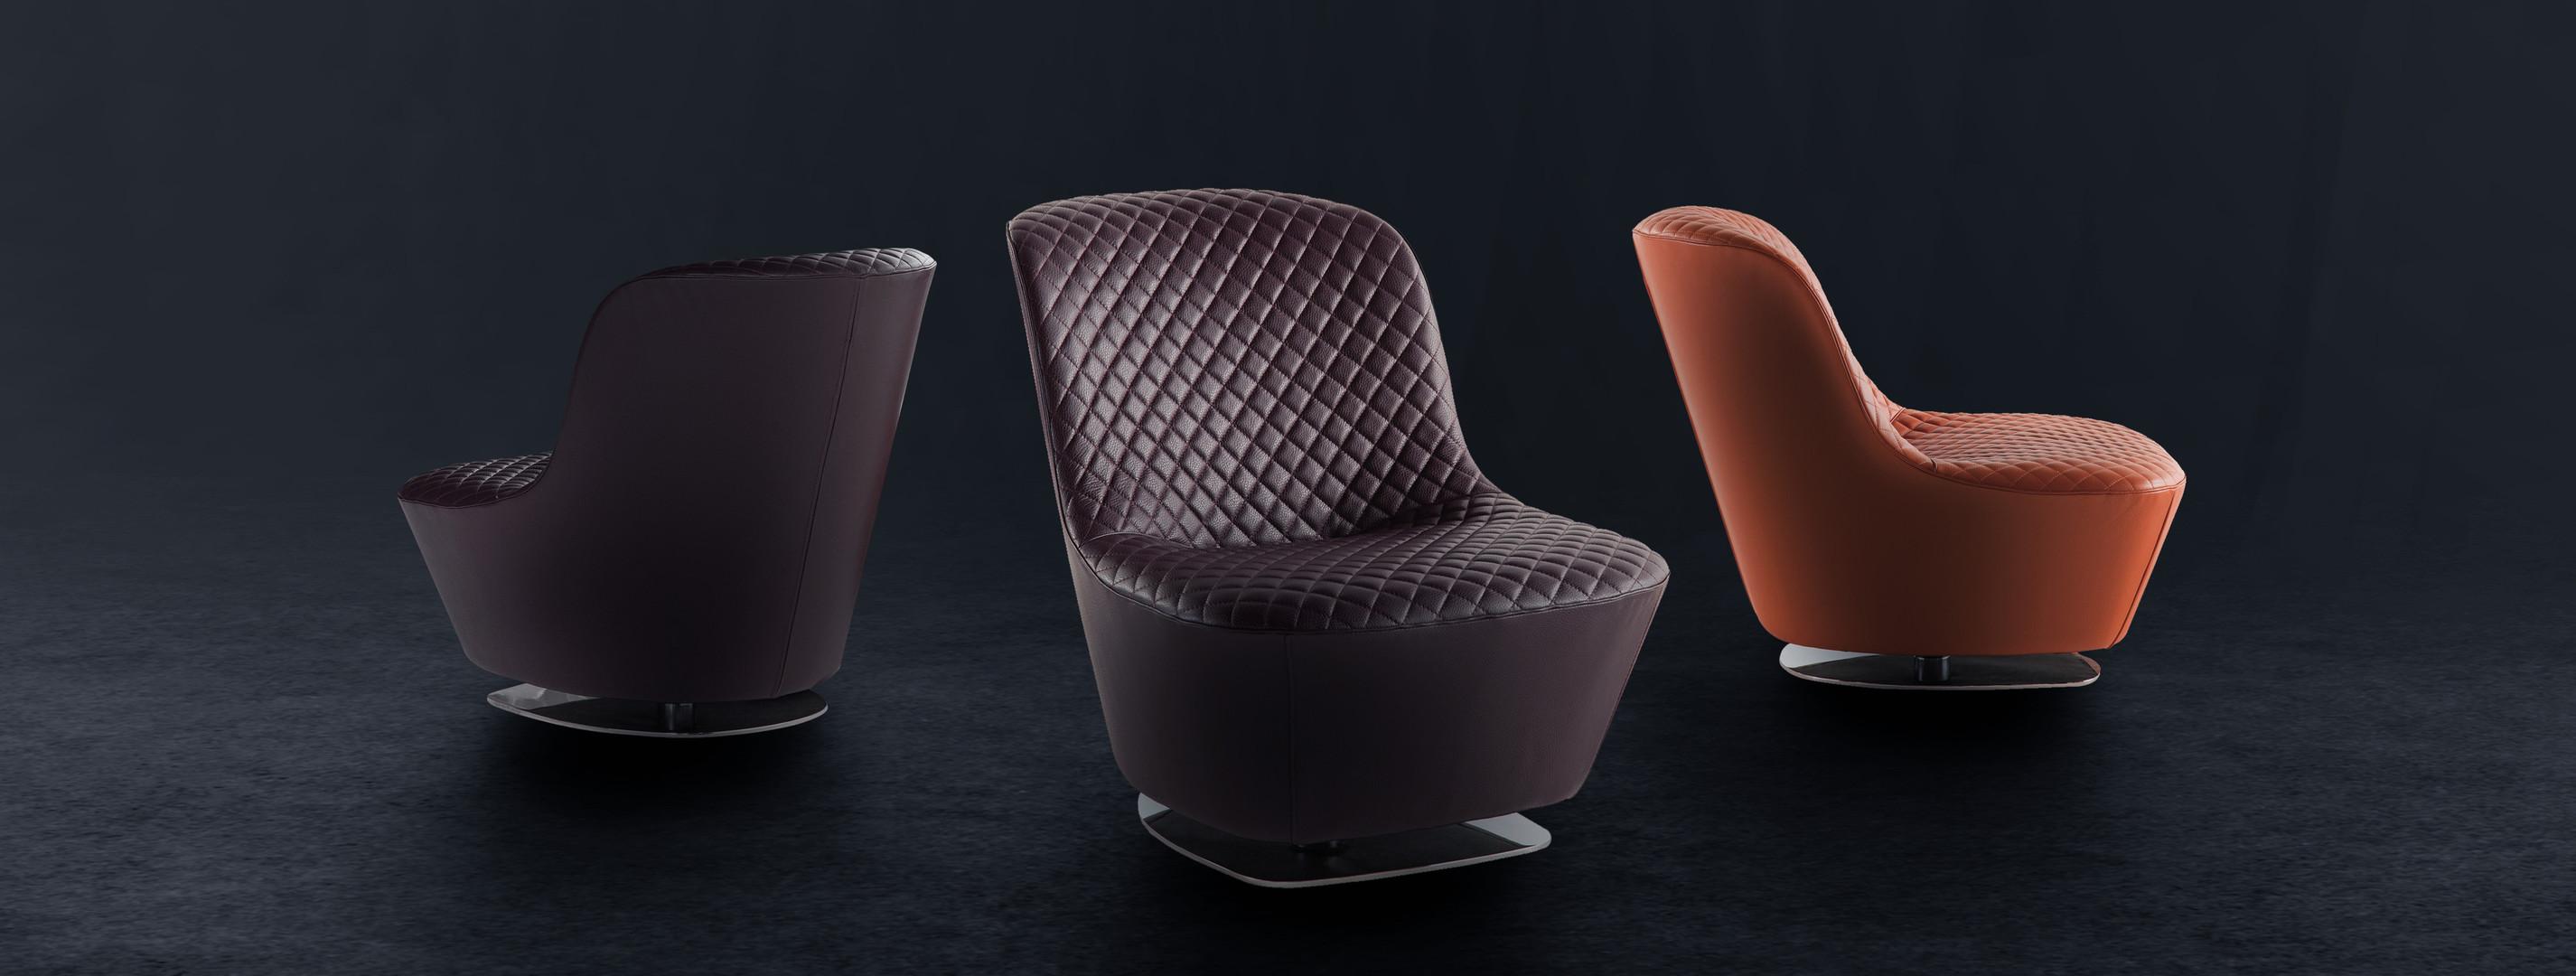 2015_1_BADIANE_fauteuils_5_cover.jpg